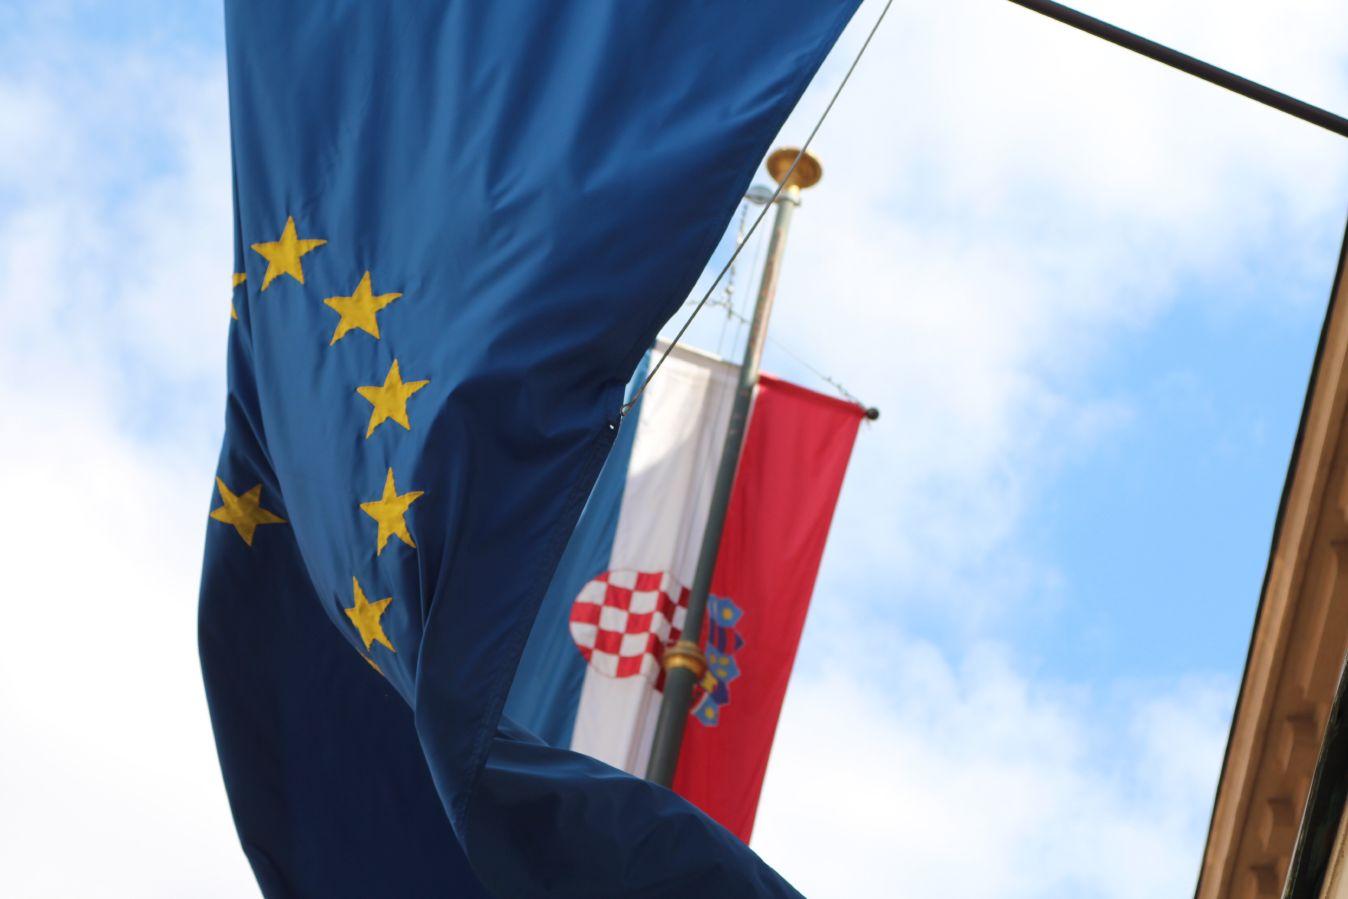 L'Unione europea abbraccia la Croazia - foto di Nicole Corritore per Obc